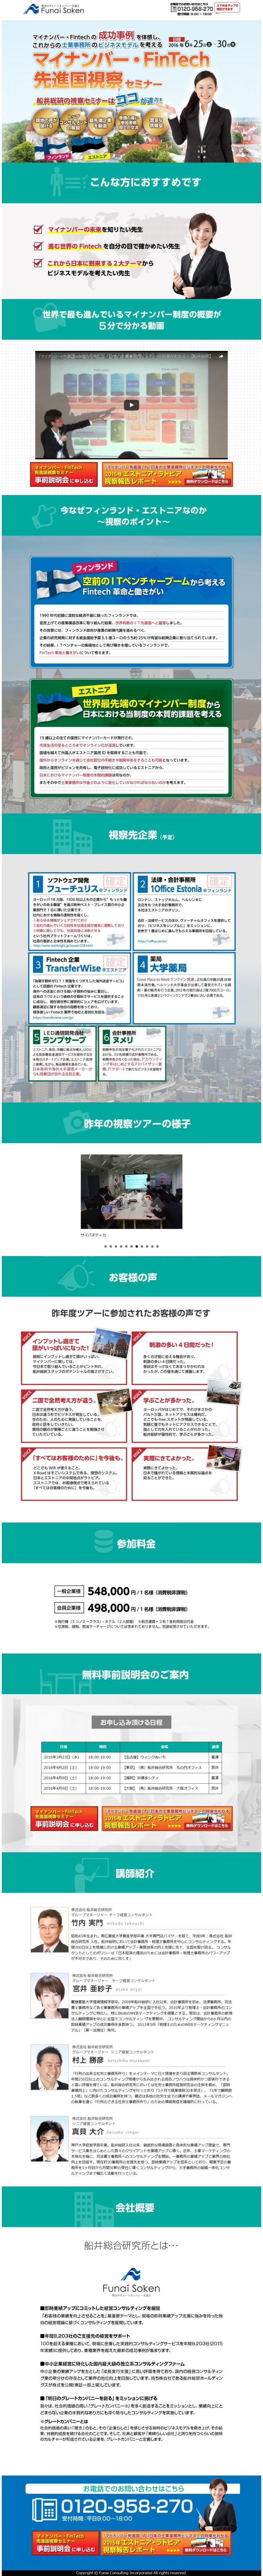 船井総合研究所